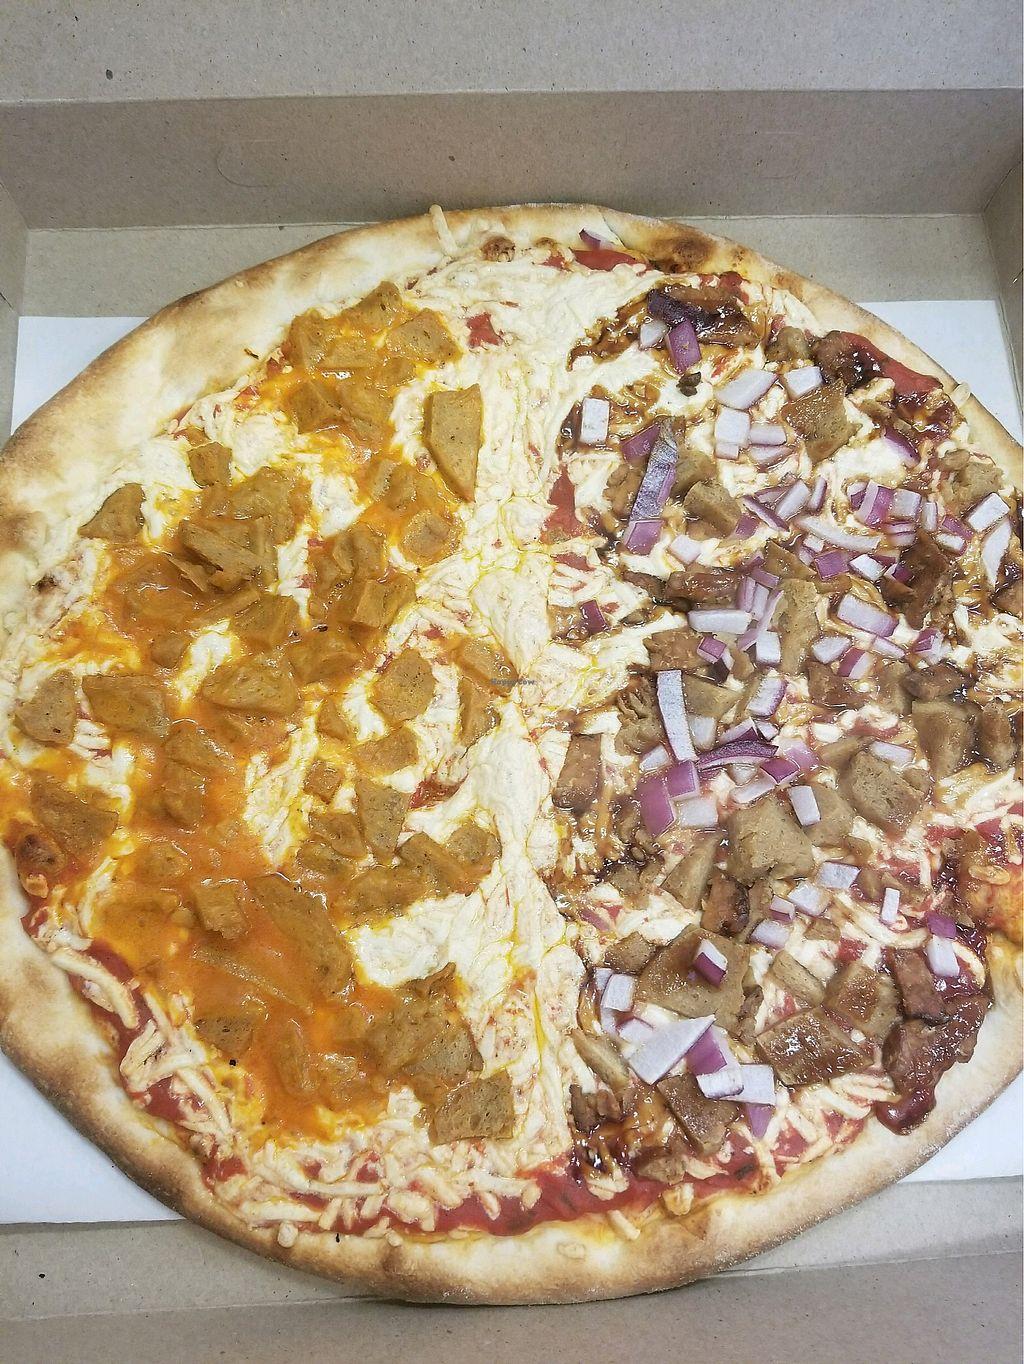 """Photo of Pizza Mia  by <a href=""""/members/profile/ErinO%E2%80%99Brien"""">ErinO'Brien</a> <br/>Half buffalo seitan fajita, half smoked tempeh fajita!  <br/> January 8, 2018  - <a href='/contact/abuse/image/108250/344181'>Report</a>"""